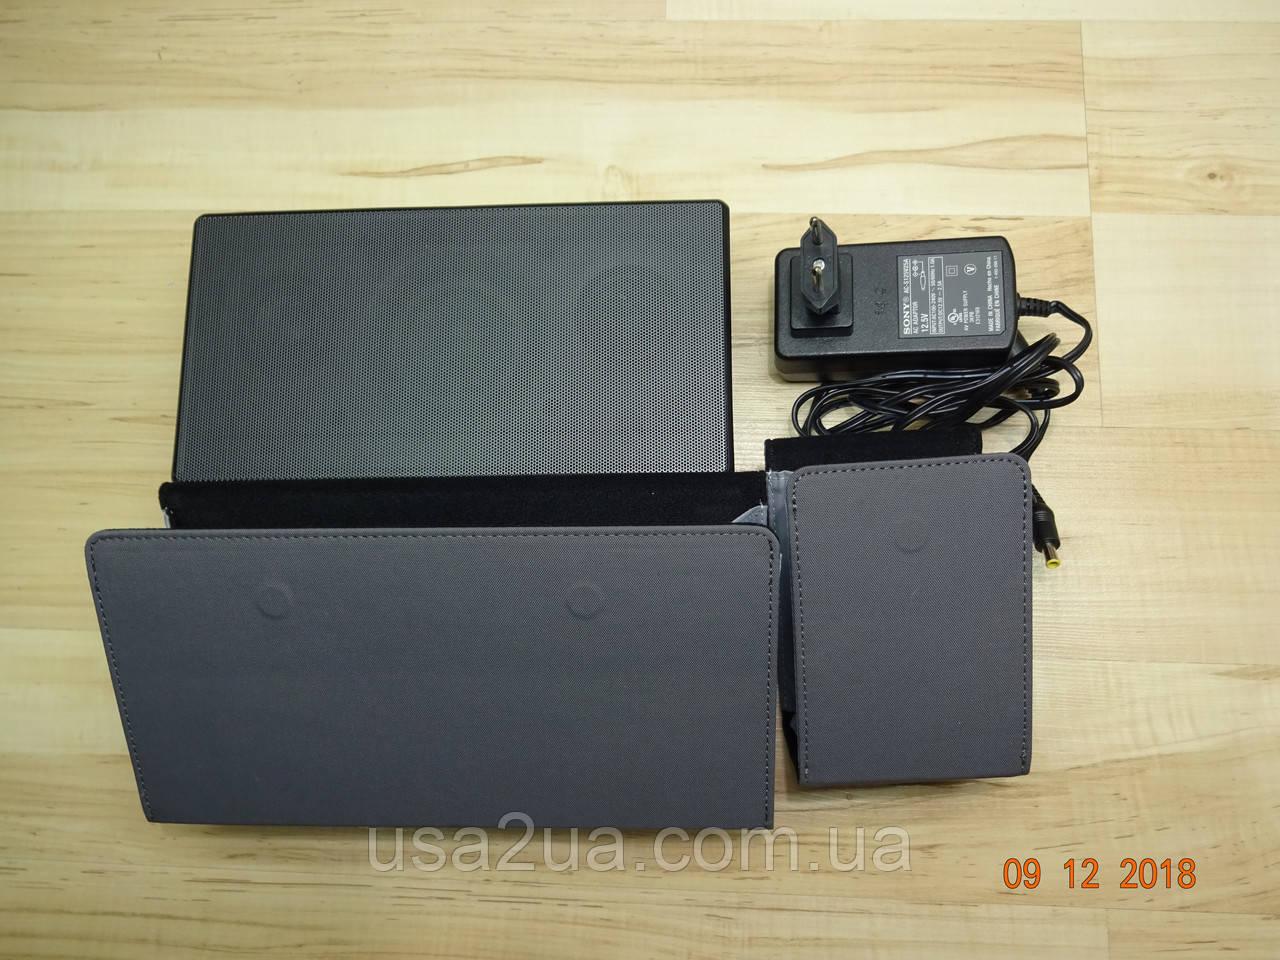 Аудиосистема Портативная беспроводная колонка Sony SRS-X5 в отличном состояние распродажа кредит